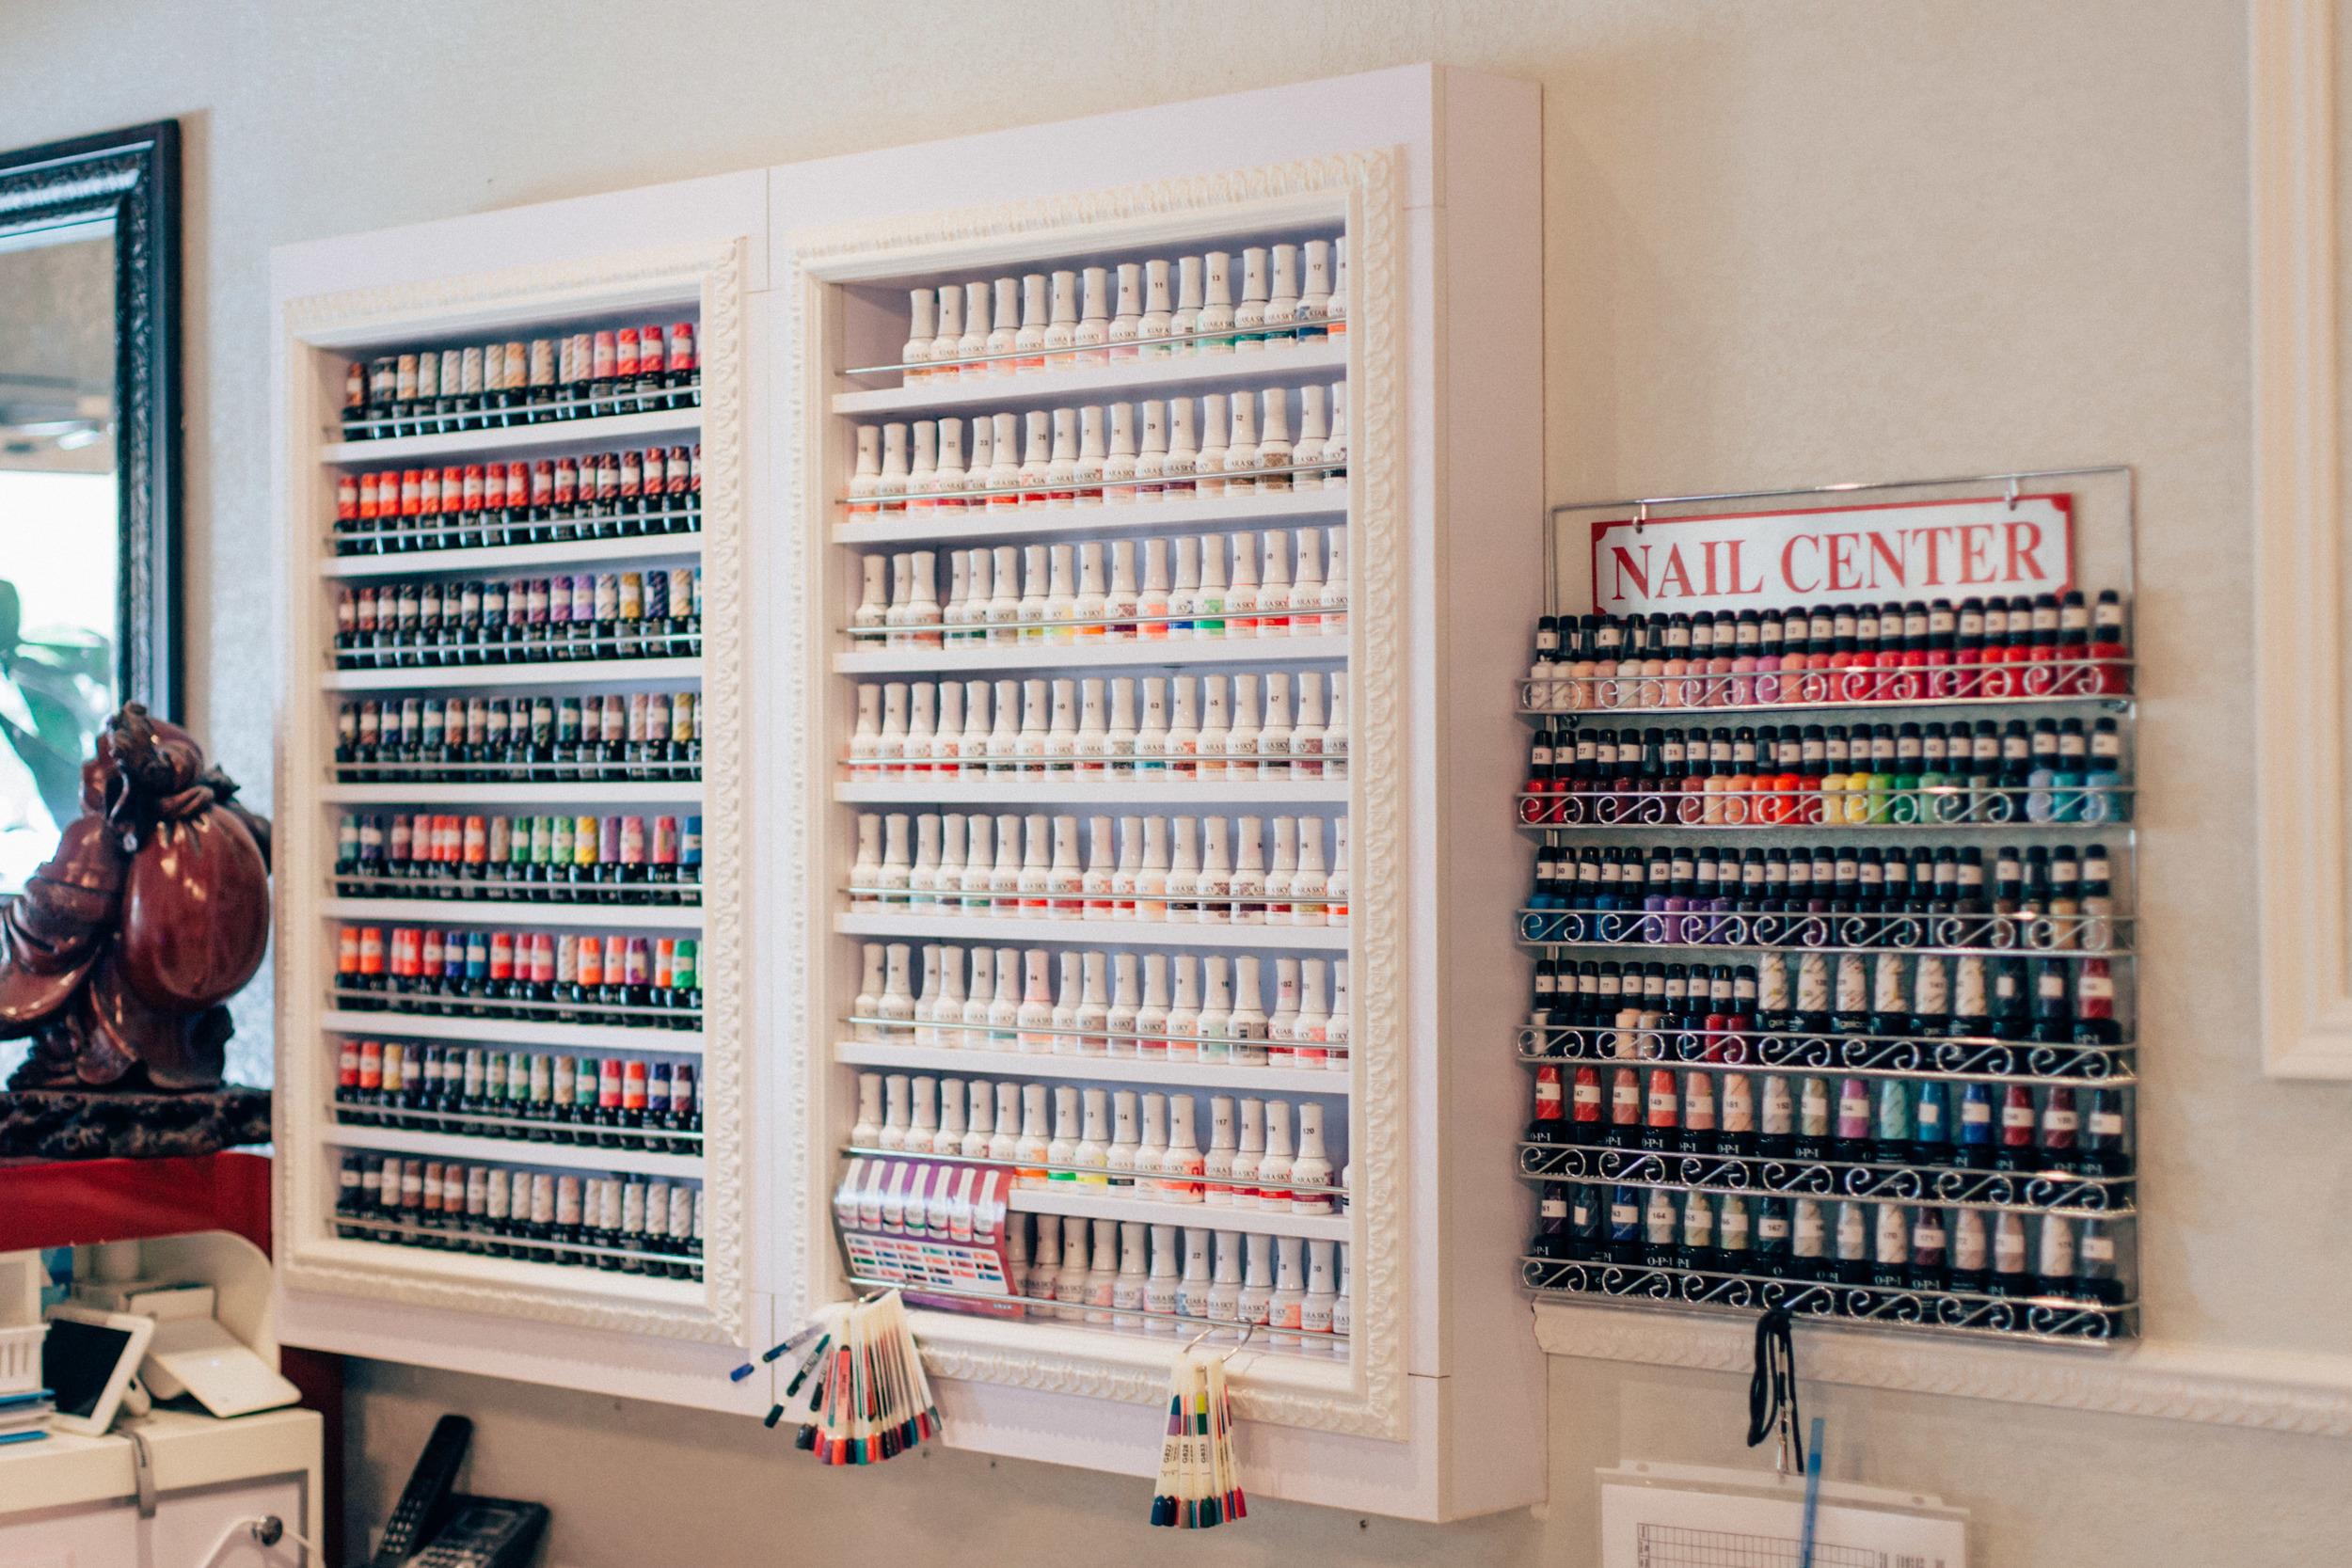 Selection of gel nail polish.